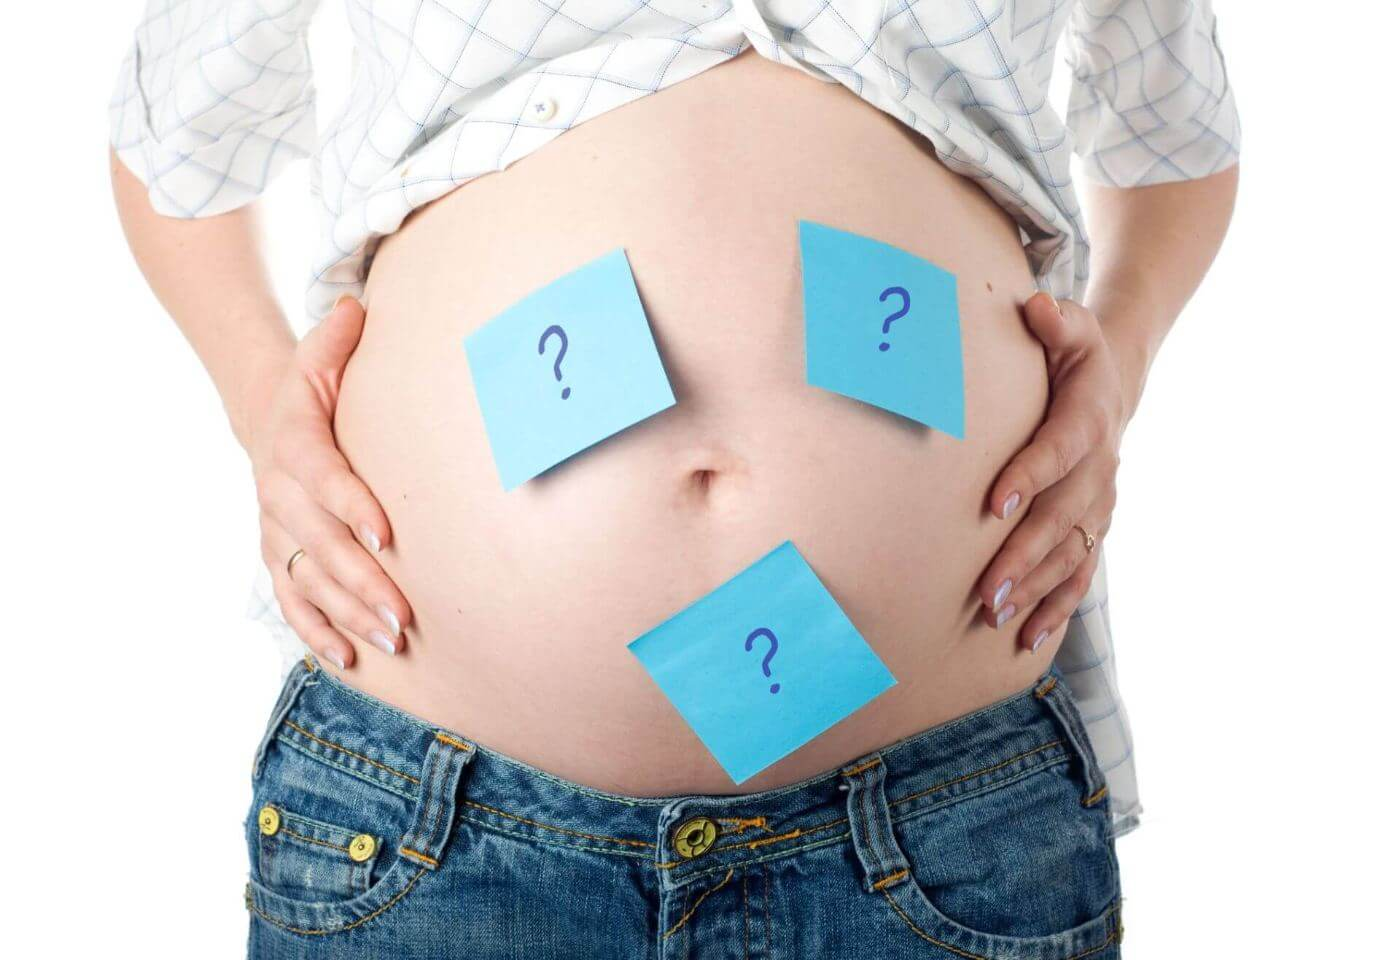 Mujer embarazada con dudas sobre el sexo de su bebé.